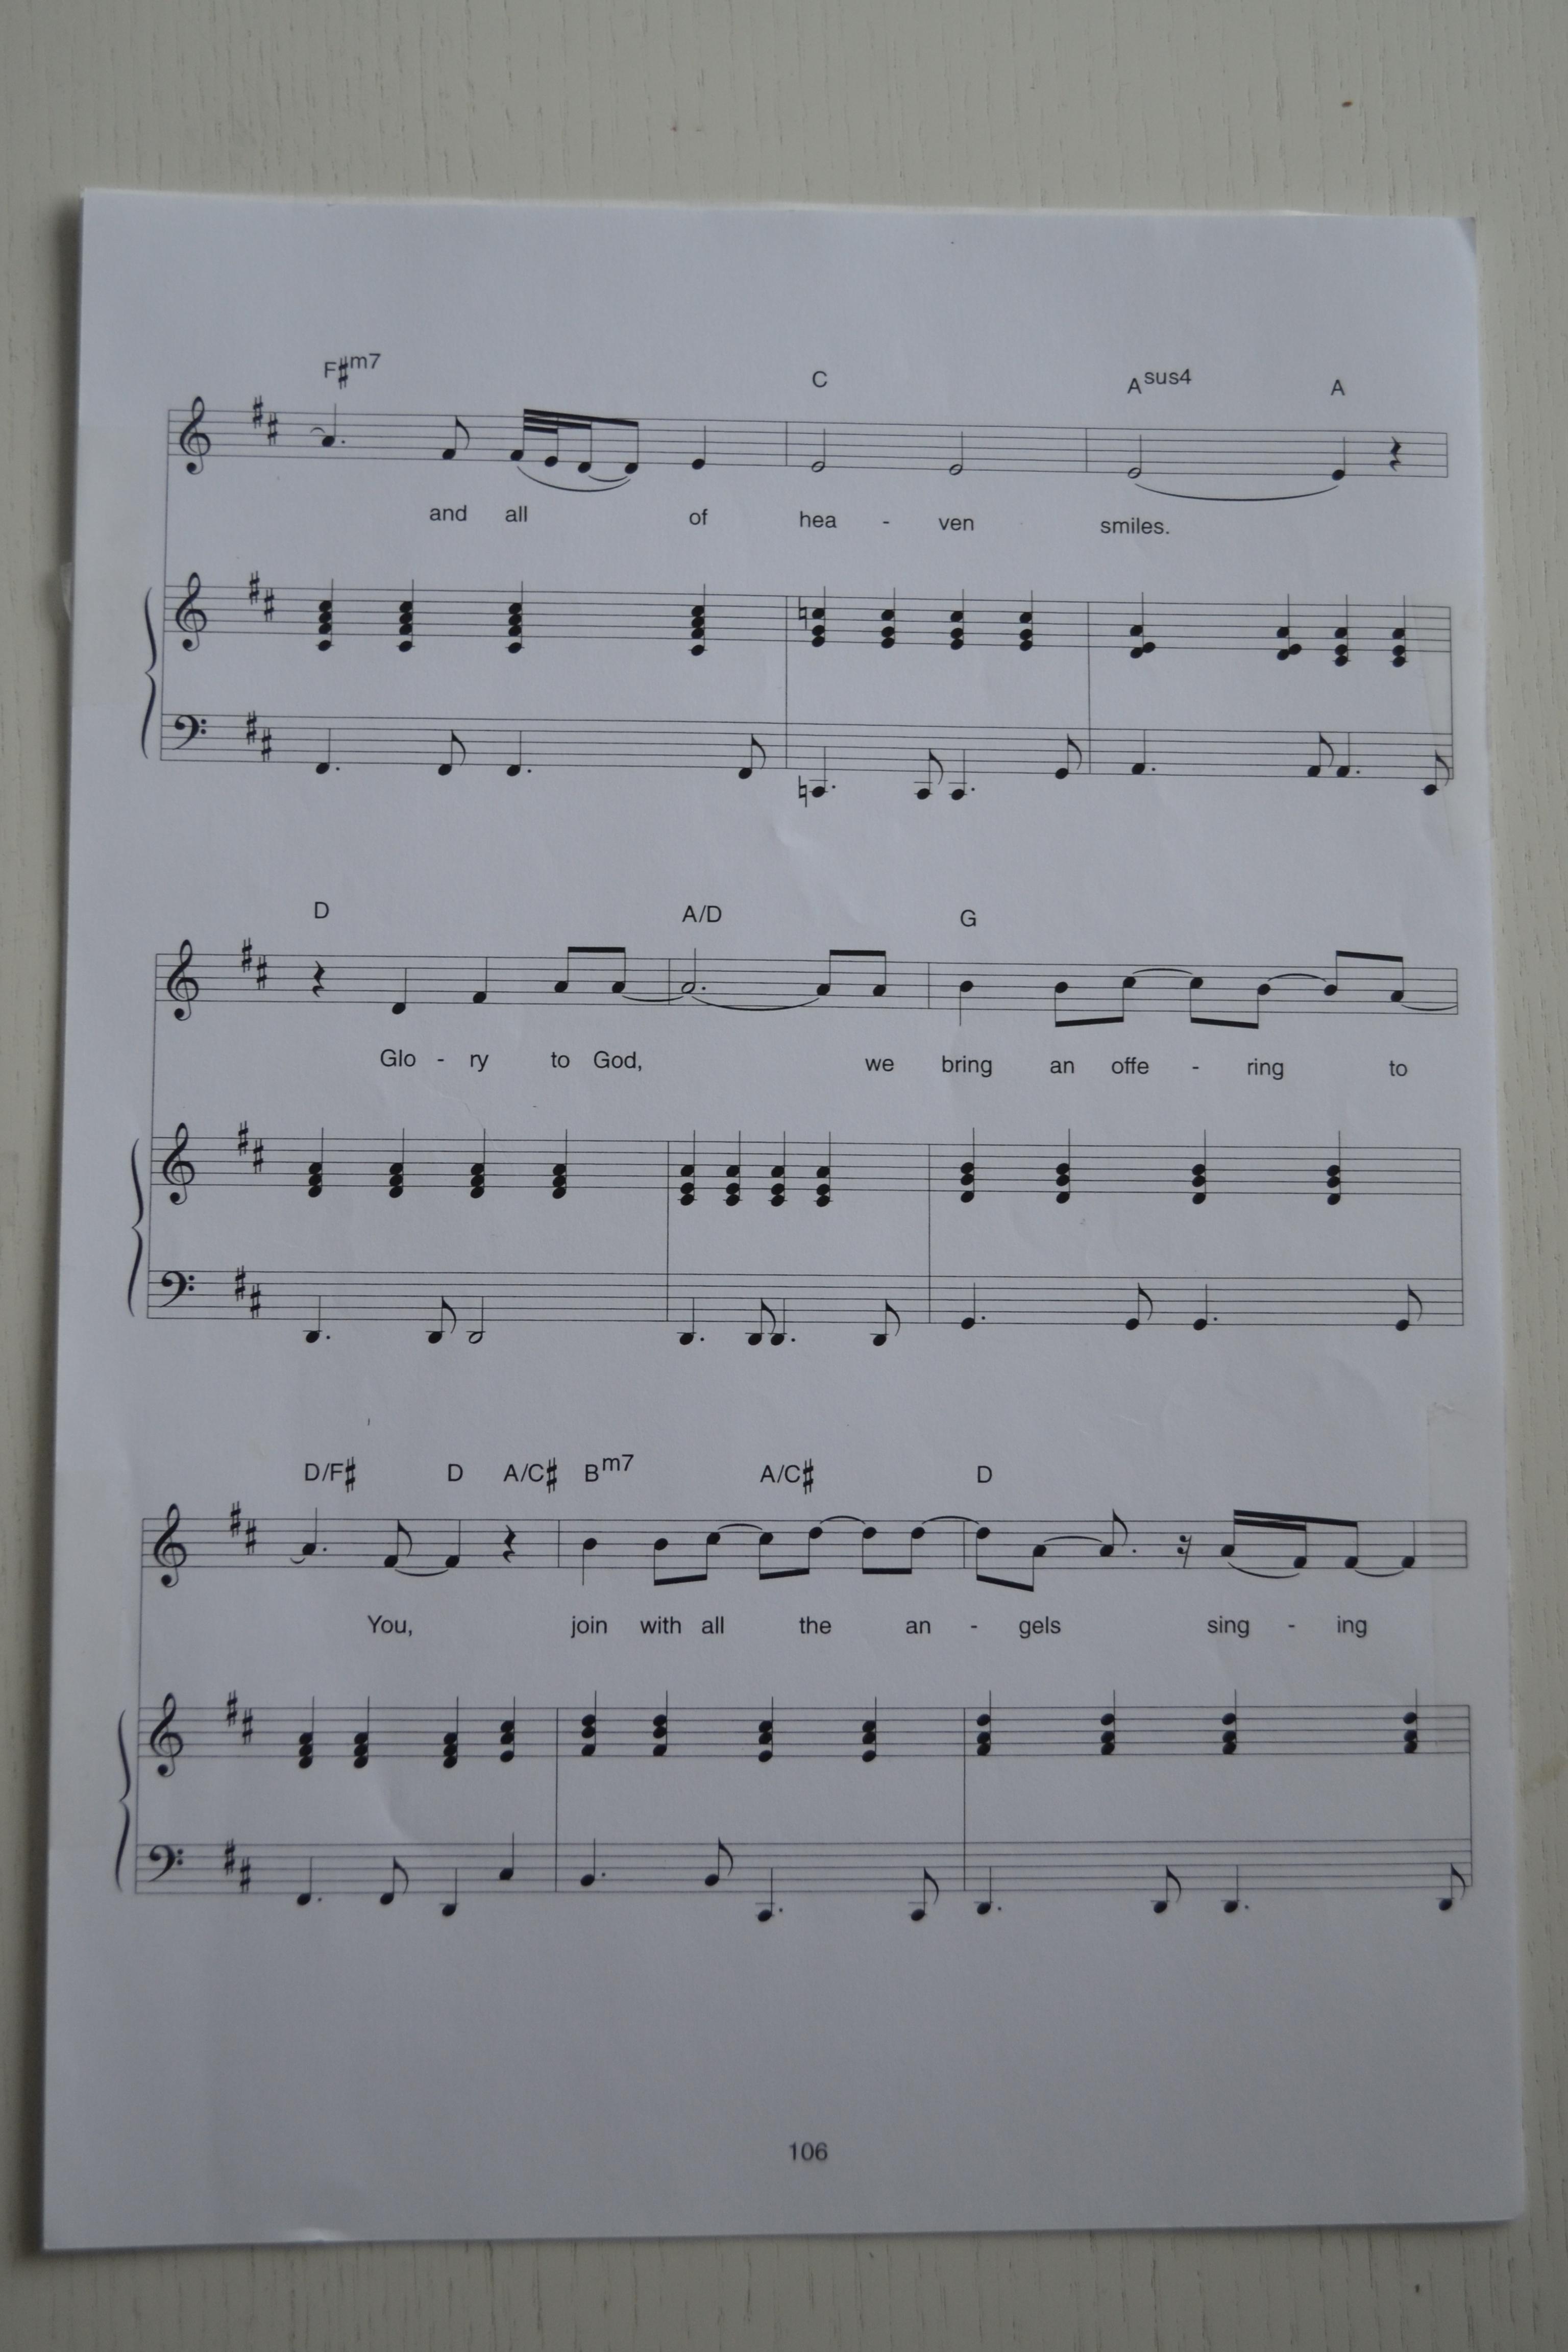 Hallelujah (Zschech) - Han är här, sidan 4